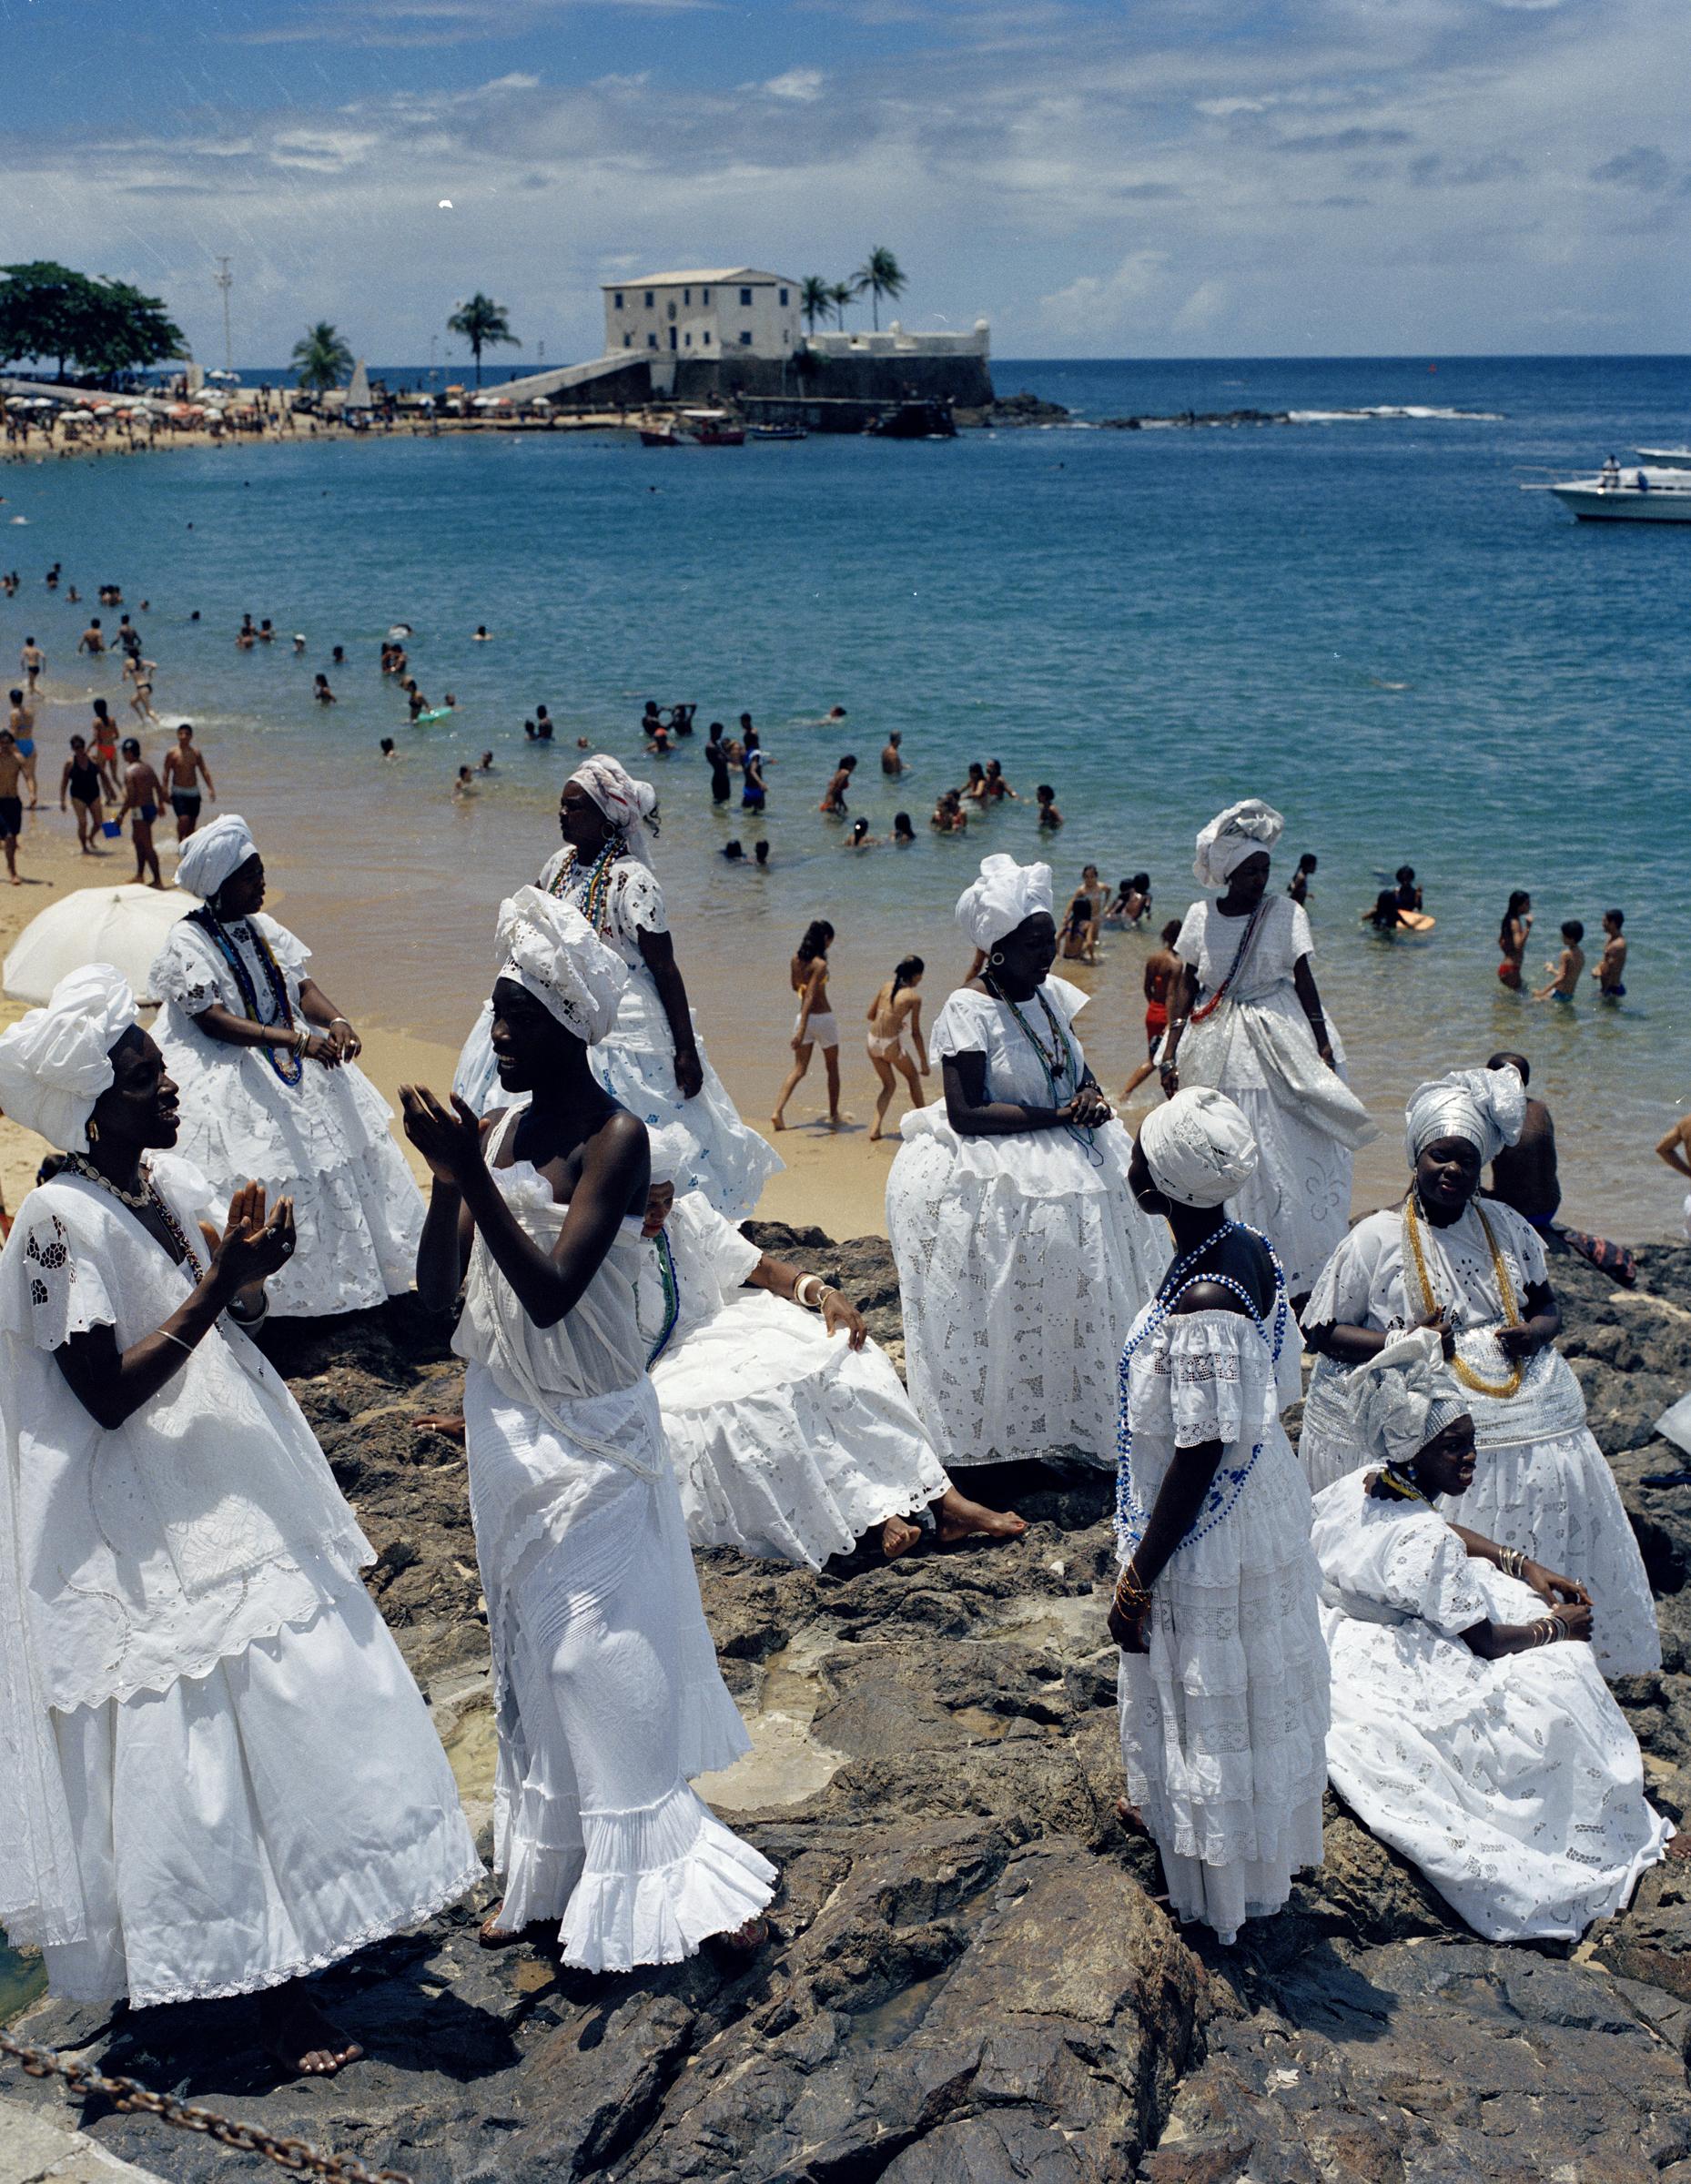 BAHIANAS ON THE BEACH